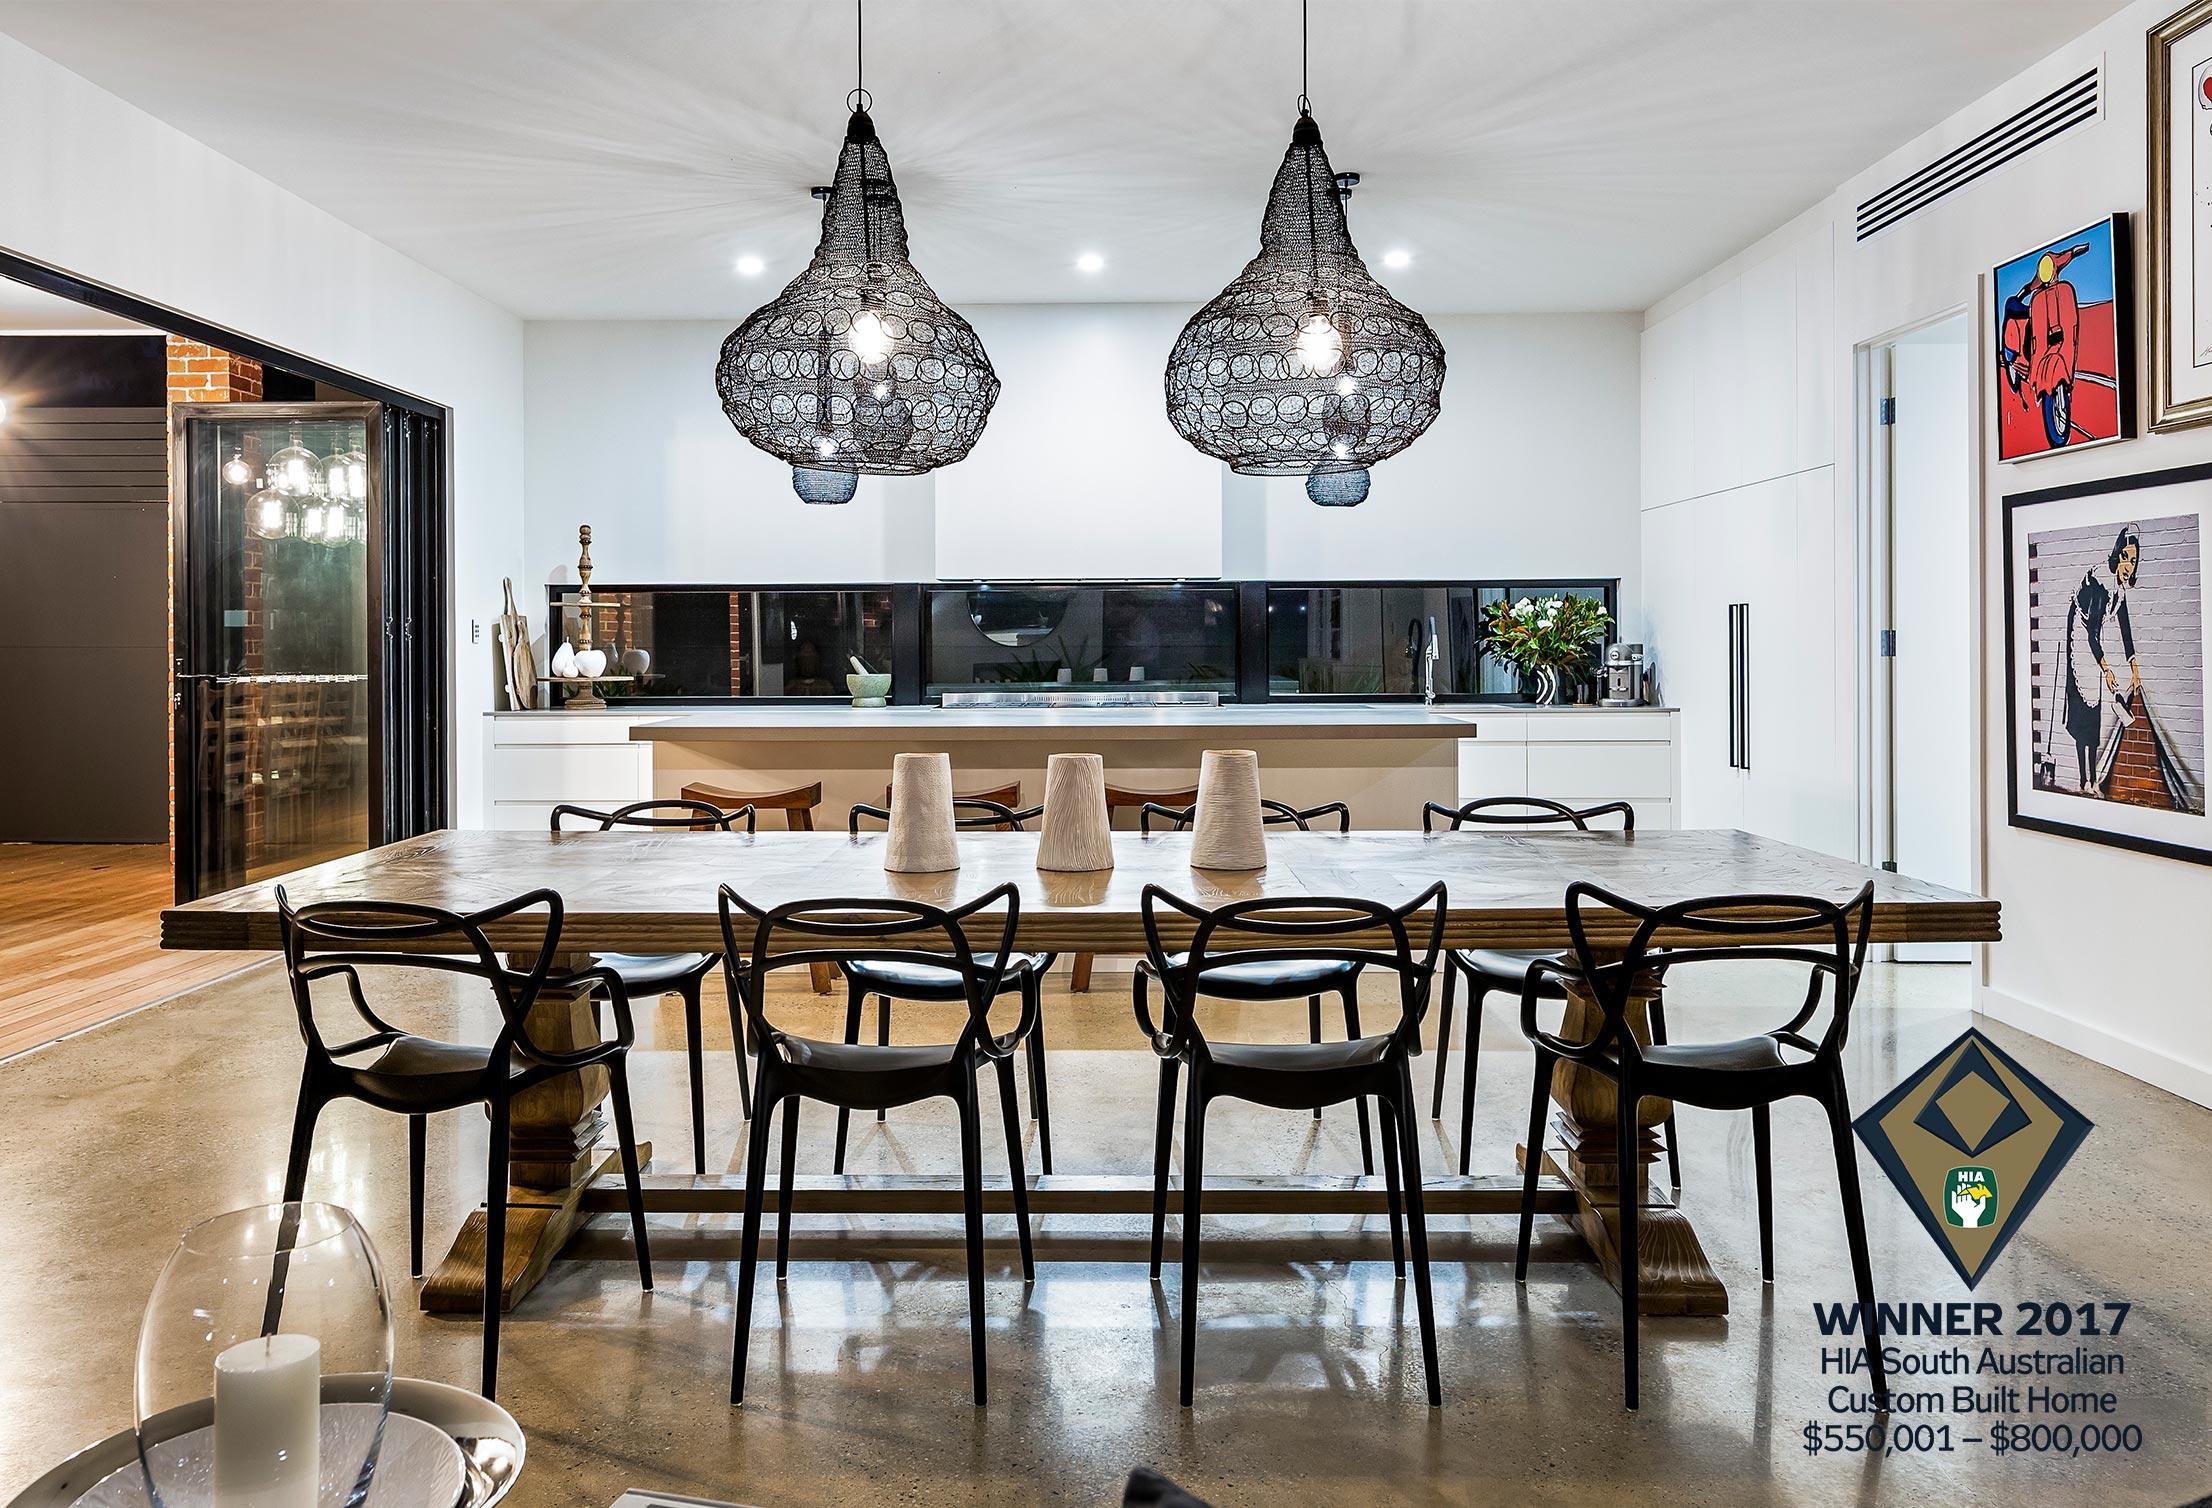 Award-Winning-Custom-Homes_Turnbull-Built.jpg